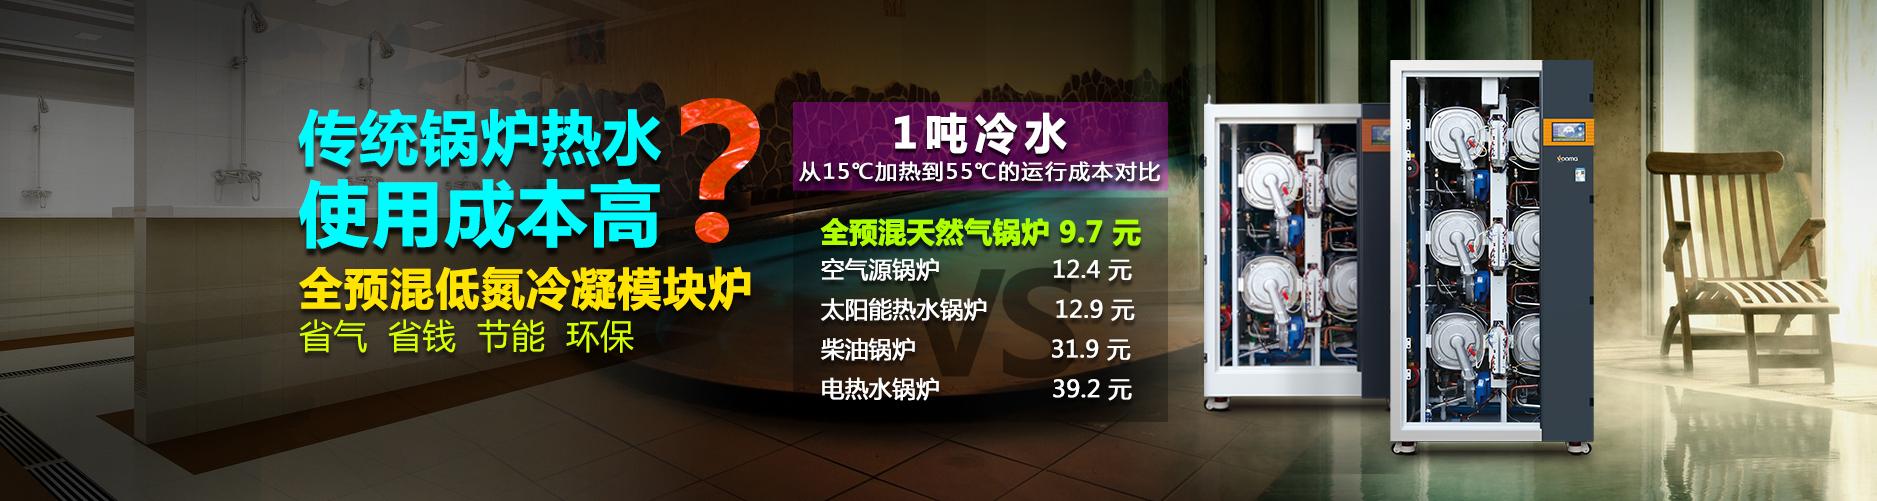 锅炉热水成本对比